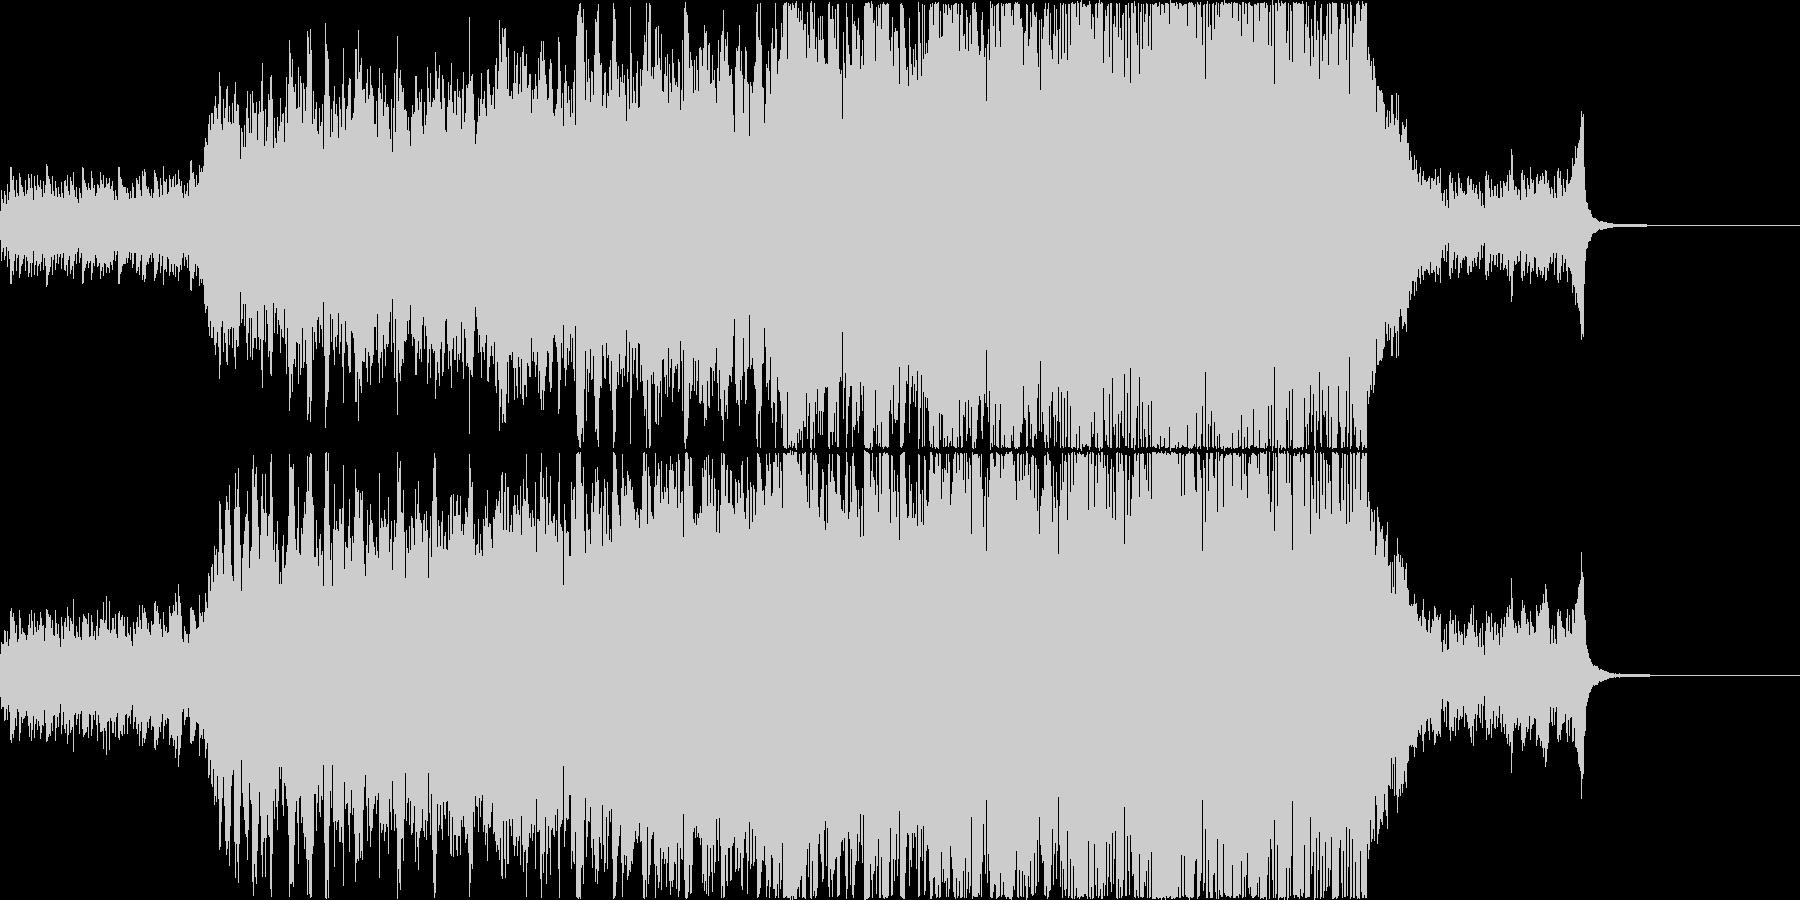 優しく感動的なポップオーケストラの未再生の波形